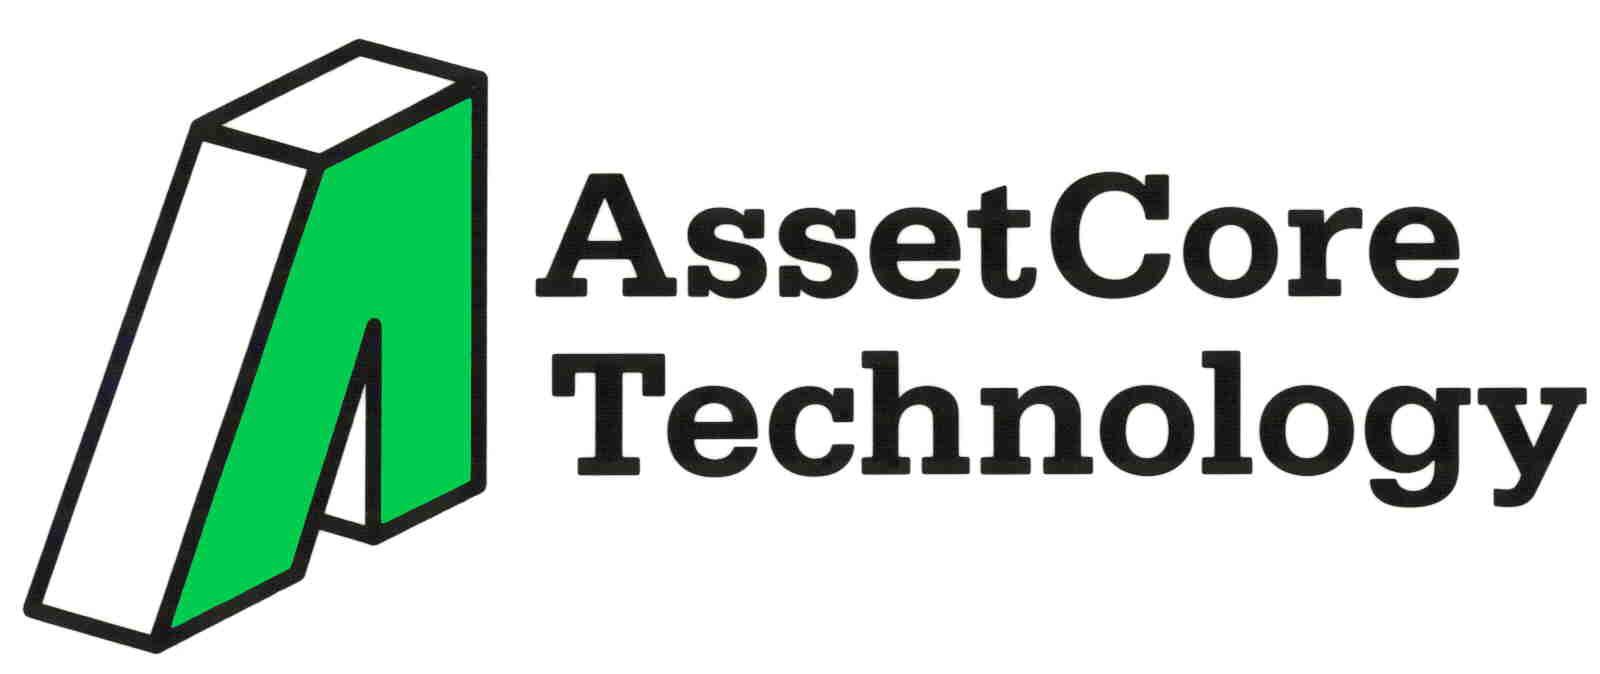 アセットコア・テクノロジー株式会社